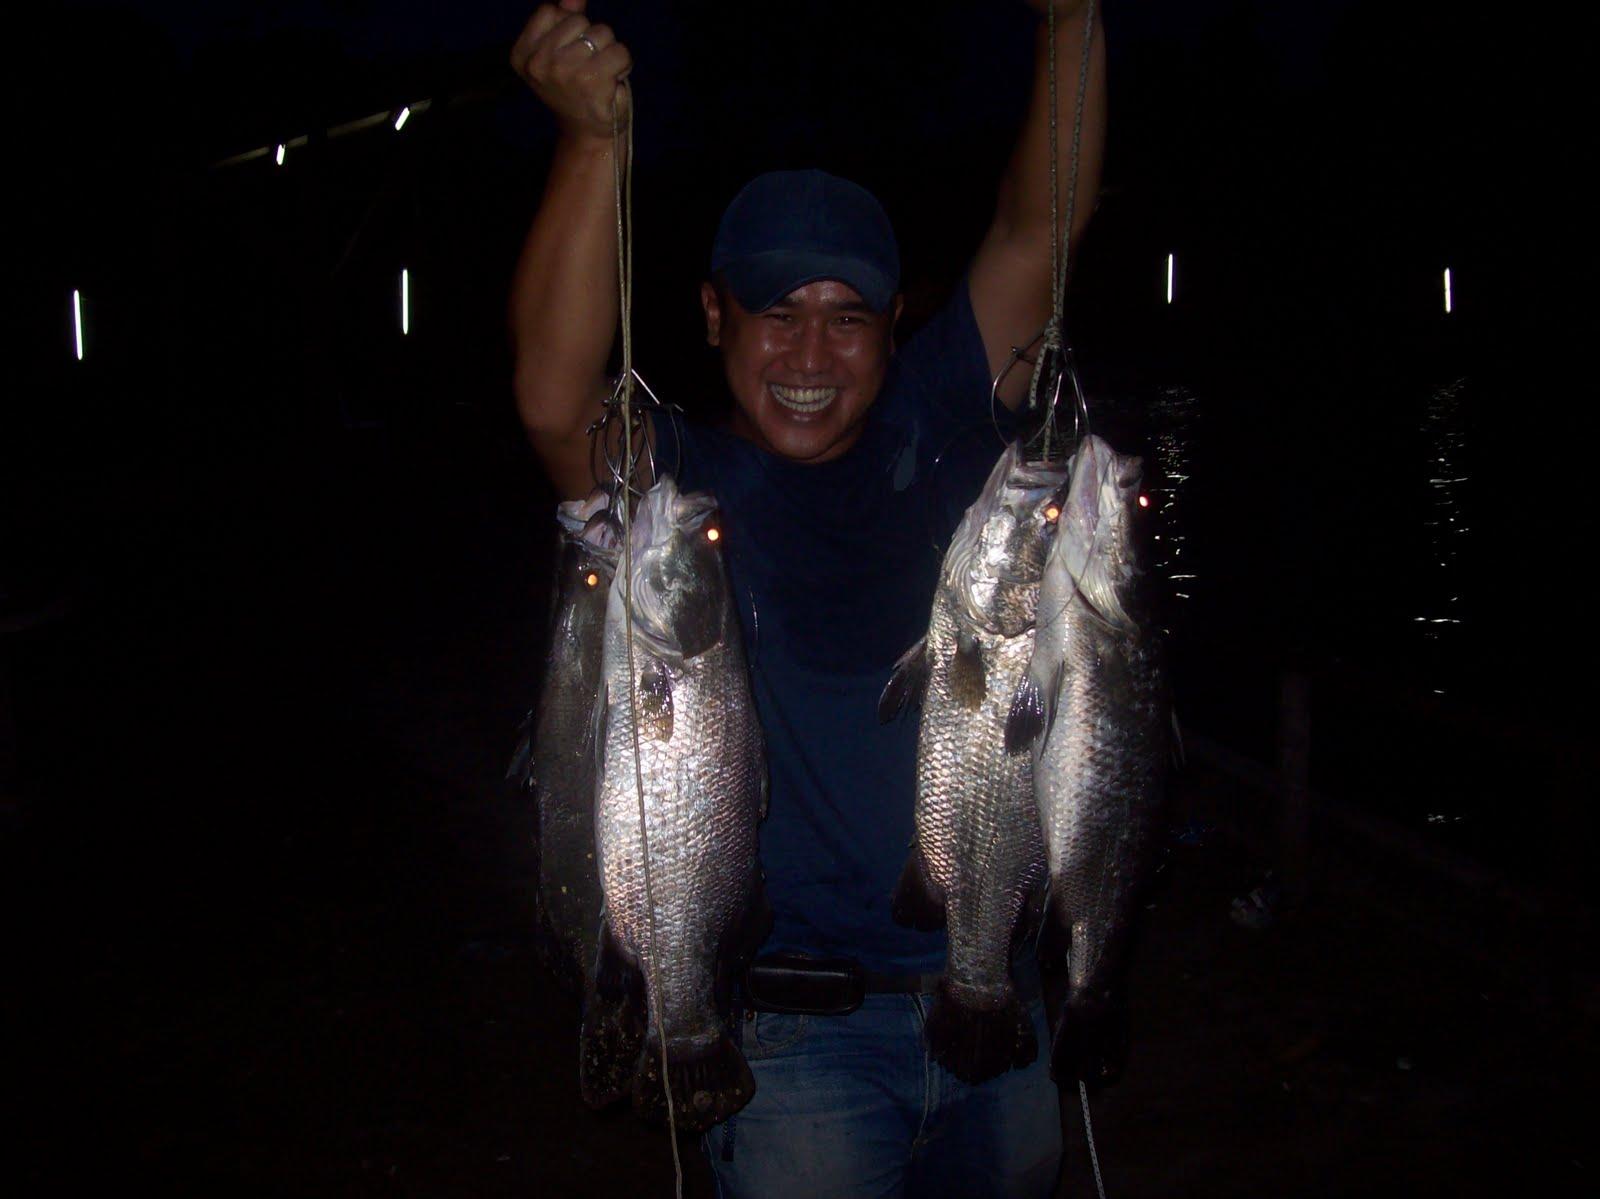 Fishing Equipment May 2010 Umpan Pancing Soft Tiddler Luminous Gid Jumlah Sebenar Tangkapan Oleh Team Kfcseorang Ahlul Kumpau Walaupun Rajin Berusahadah Tak Ada Rojoki